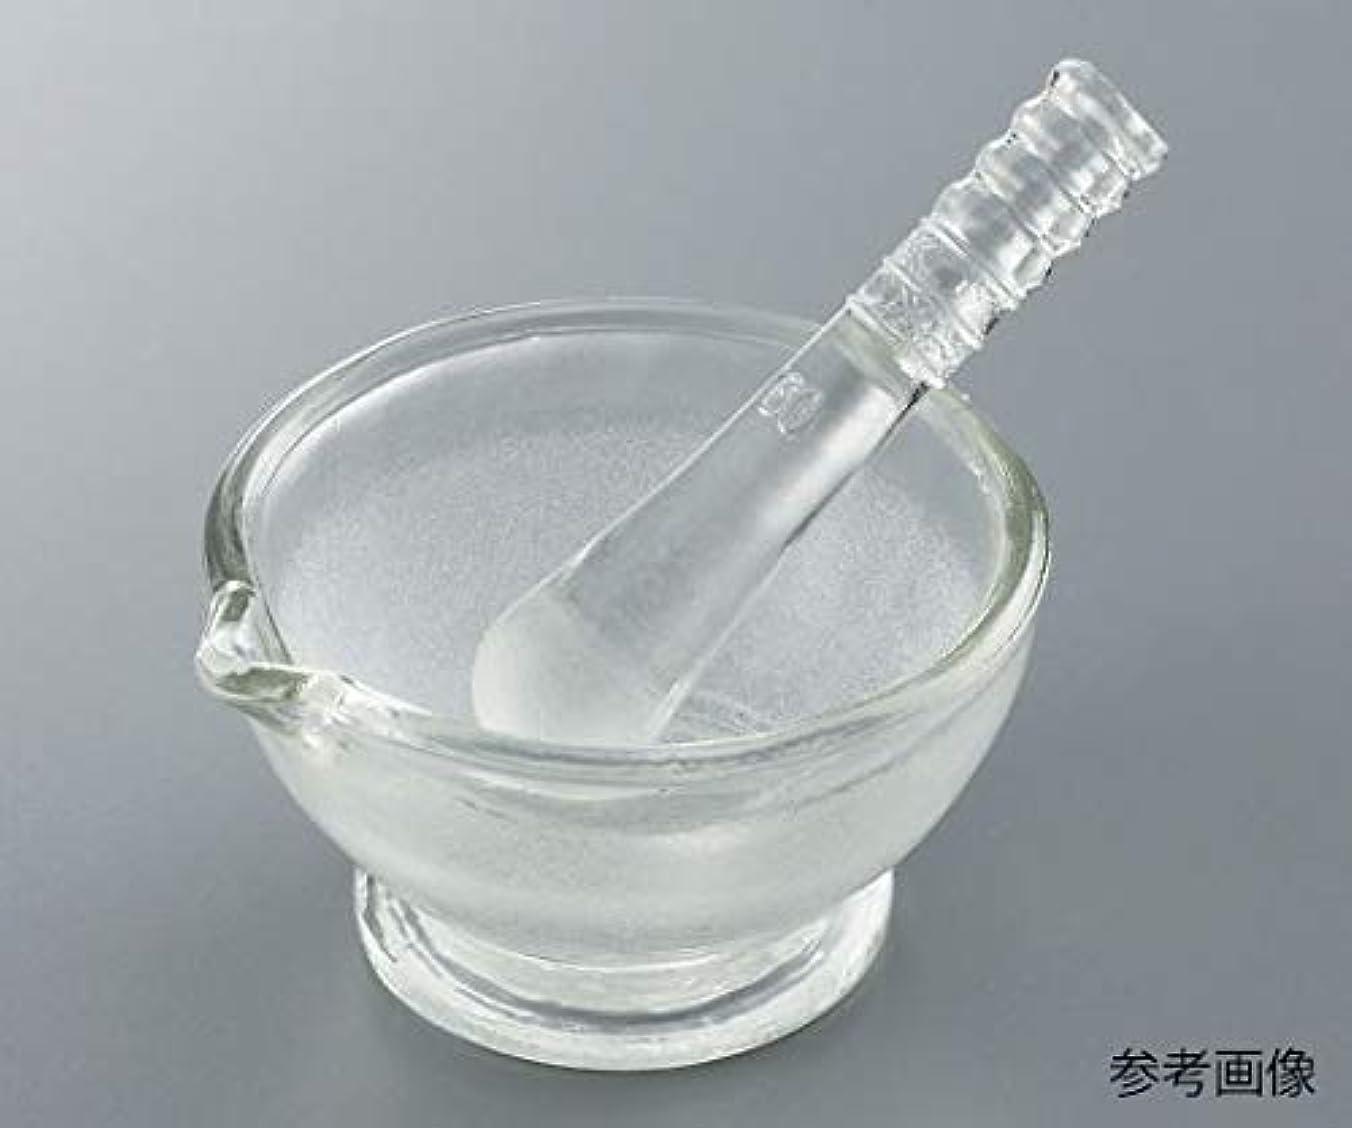 構成員ビジュアルフルーツ野菜アズワン ガラス乳鉢 /4-531-03